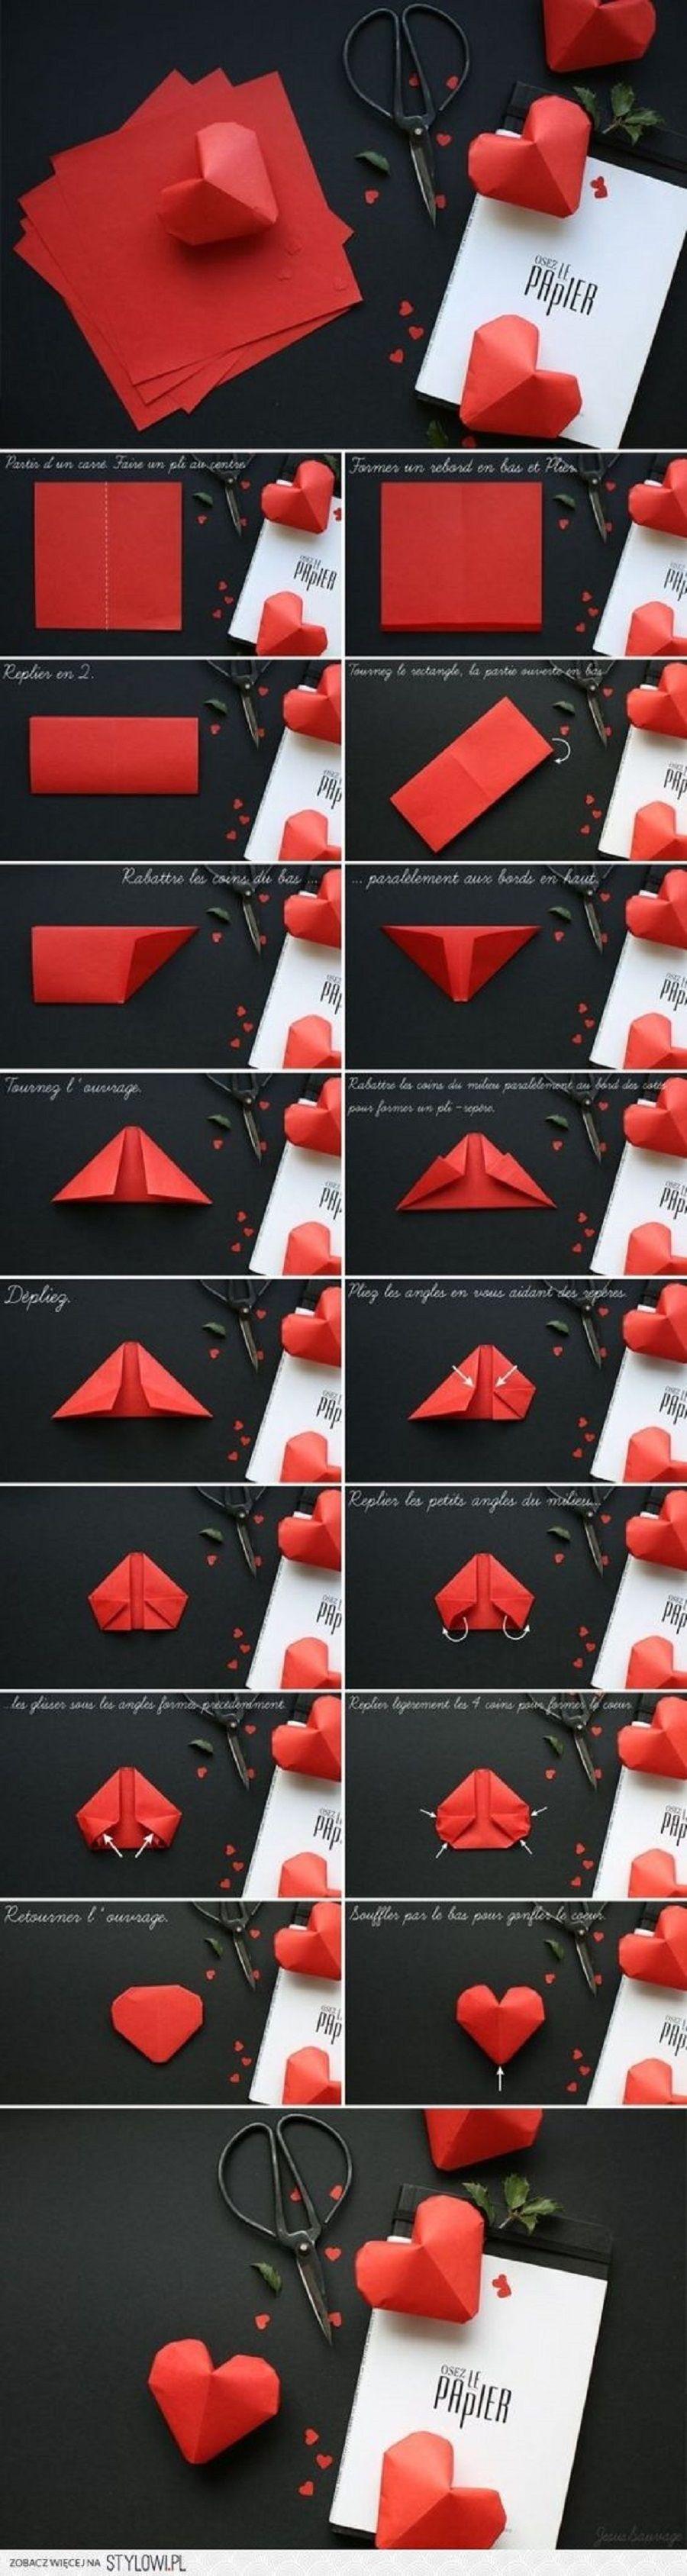 Come realizzare un cuore piegando la carta